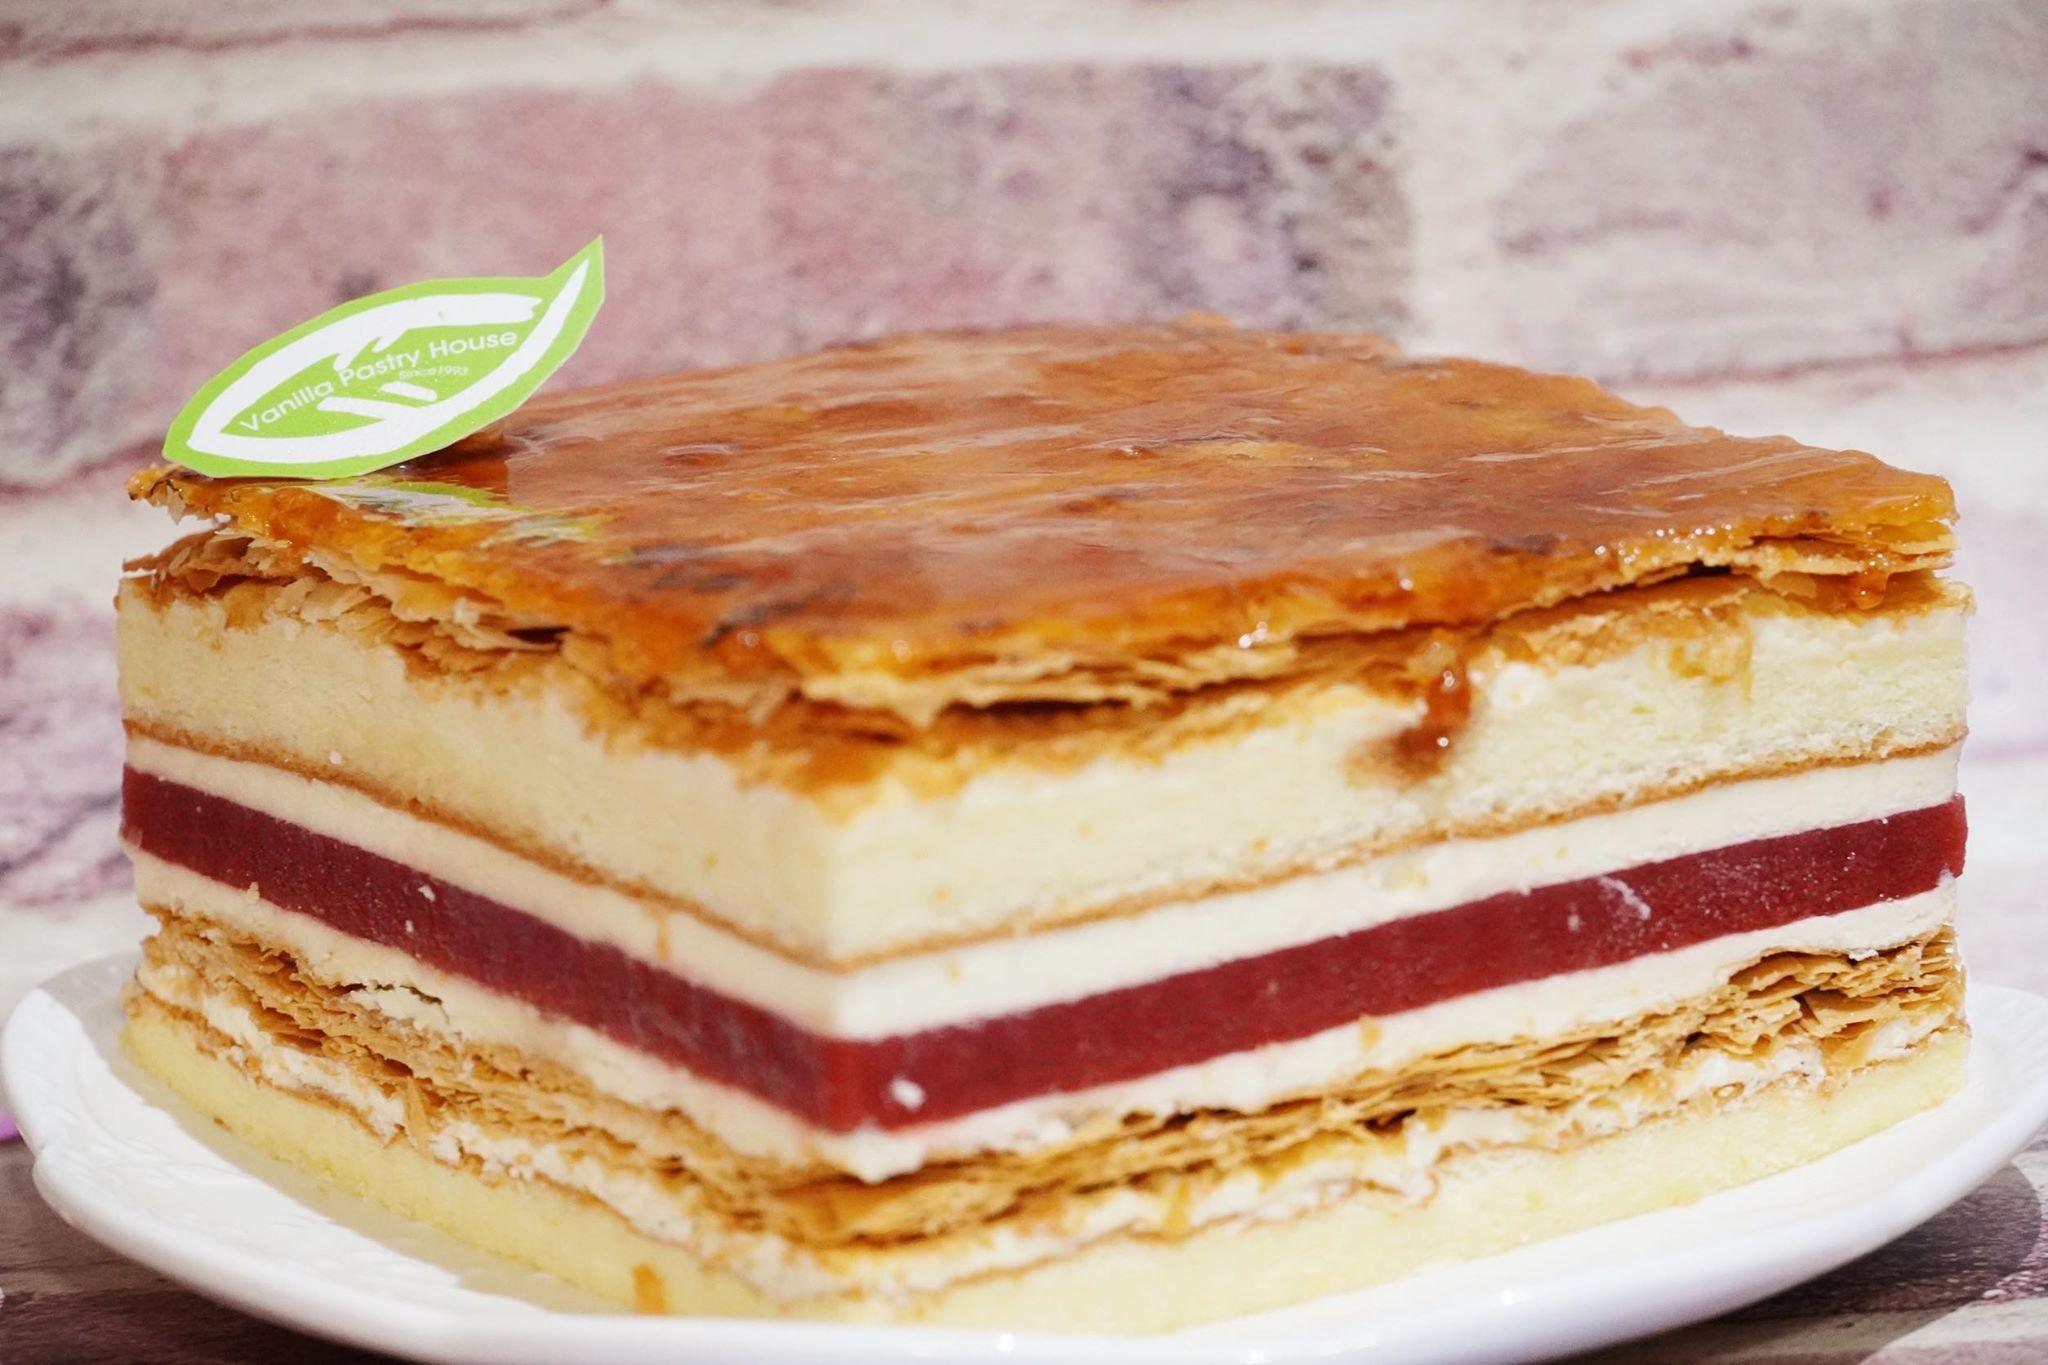 【6吋、8吋】法蘭西草莓★手工焦糖千層&草莓凍經典組合★挑動味蕾饗宴